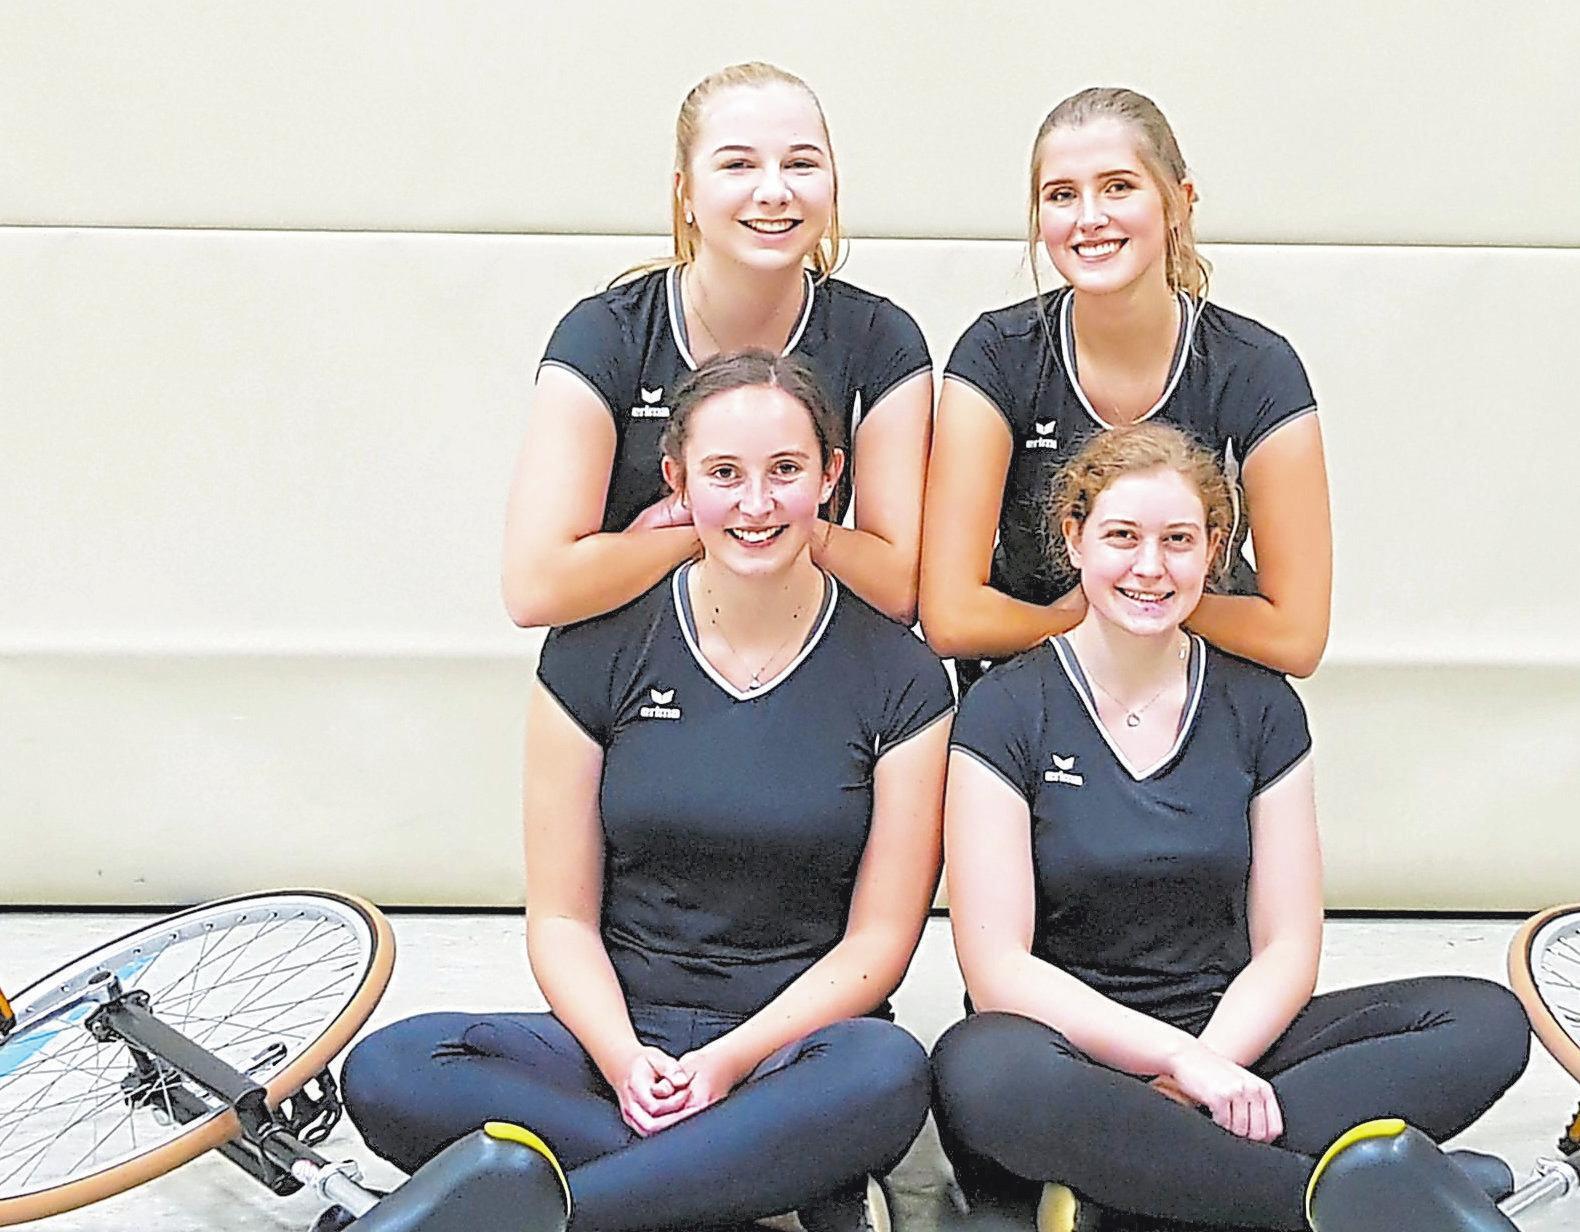 Vierer-Einrad Elite, 2. Mannschaft: Alexandra Sadowski, Johanna Aufderhaar, Janine Wöhler, Evelyne Steinmetz; 2. Platz Deutsche Meisterschaft, 1. Platz Bezirksmeisterschaft